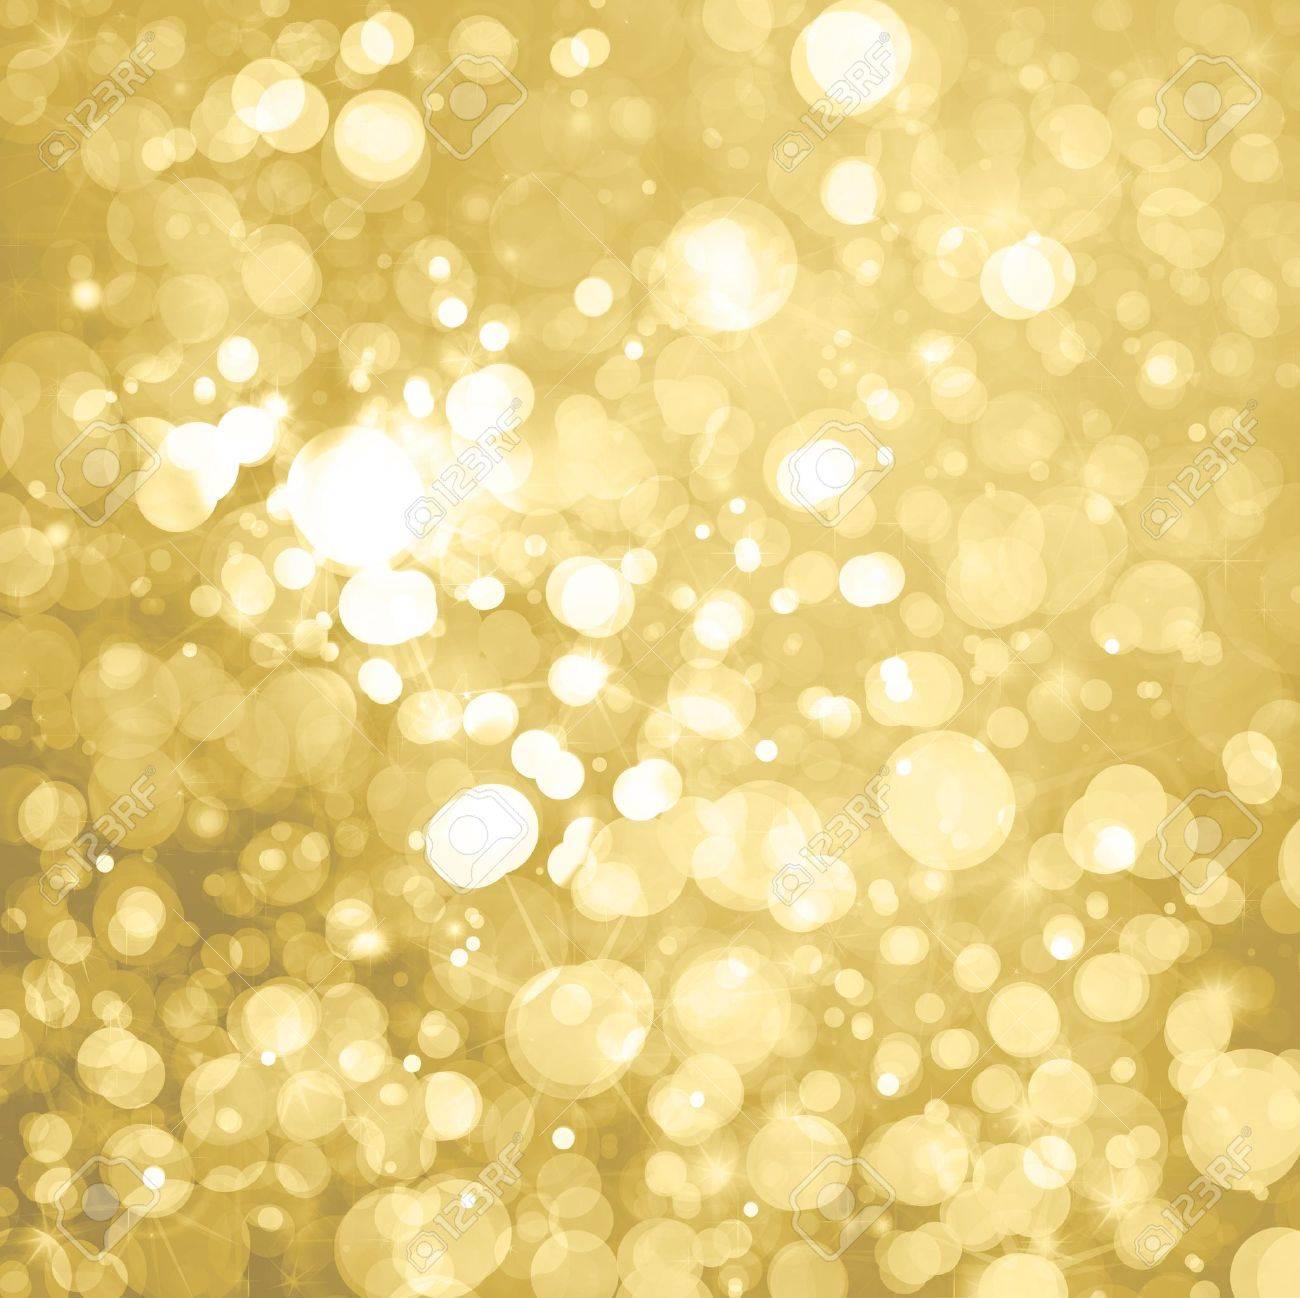 Fond Doré lumières sur fond doré banque d'images et photos libres de droits